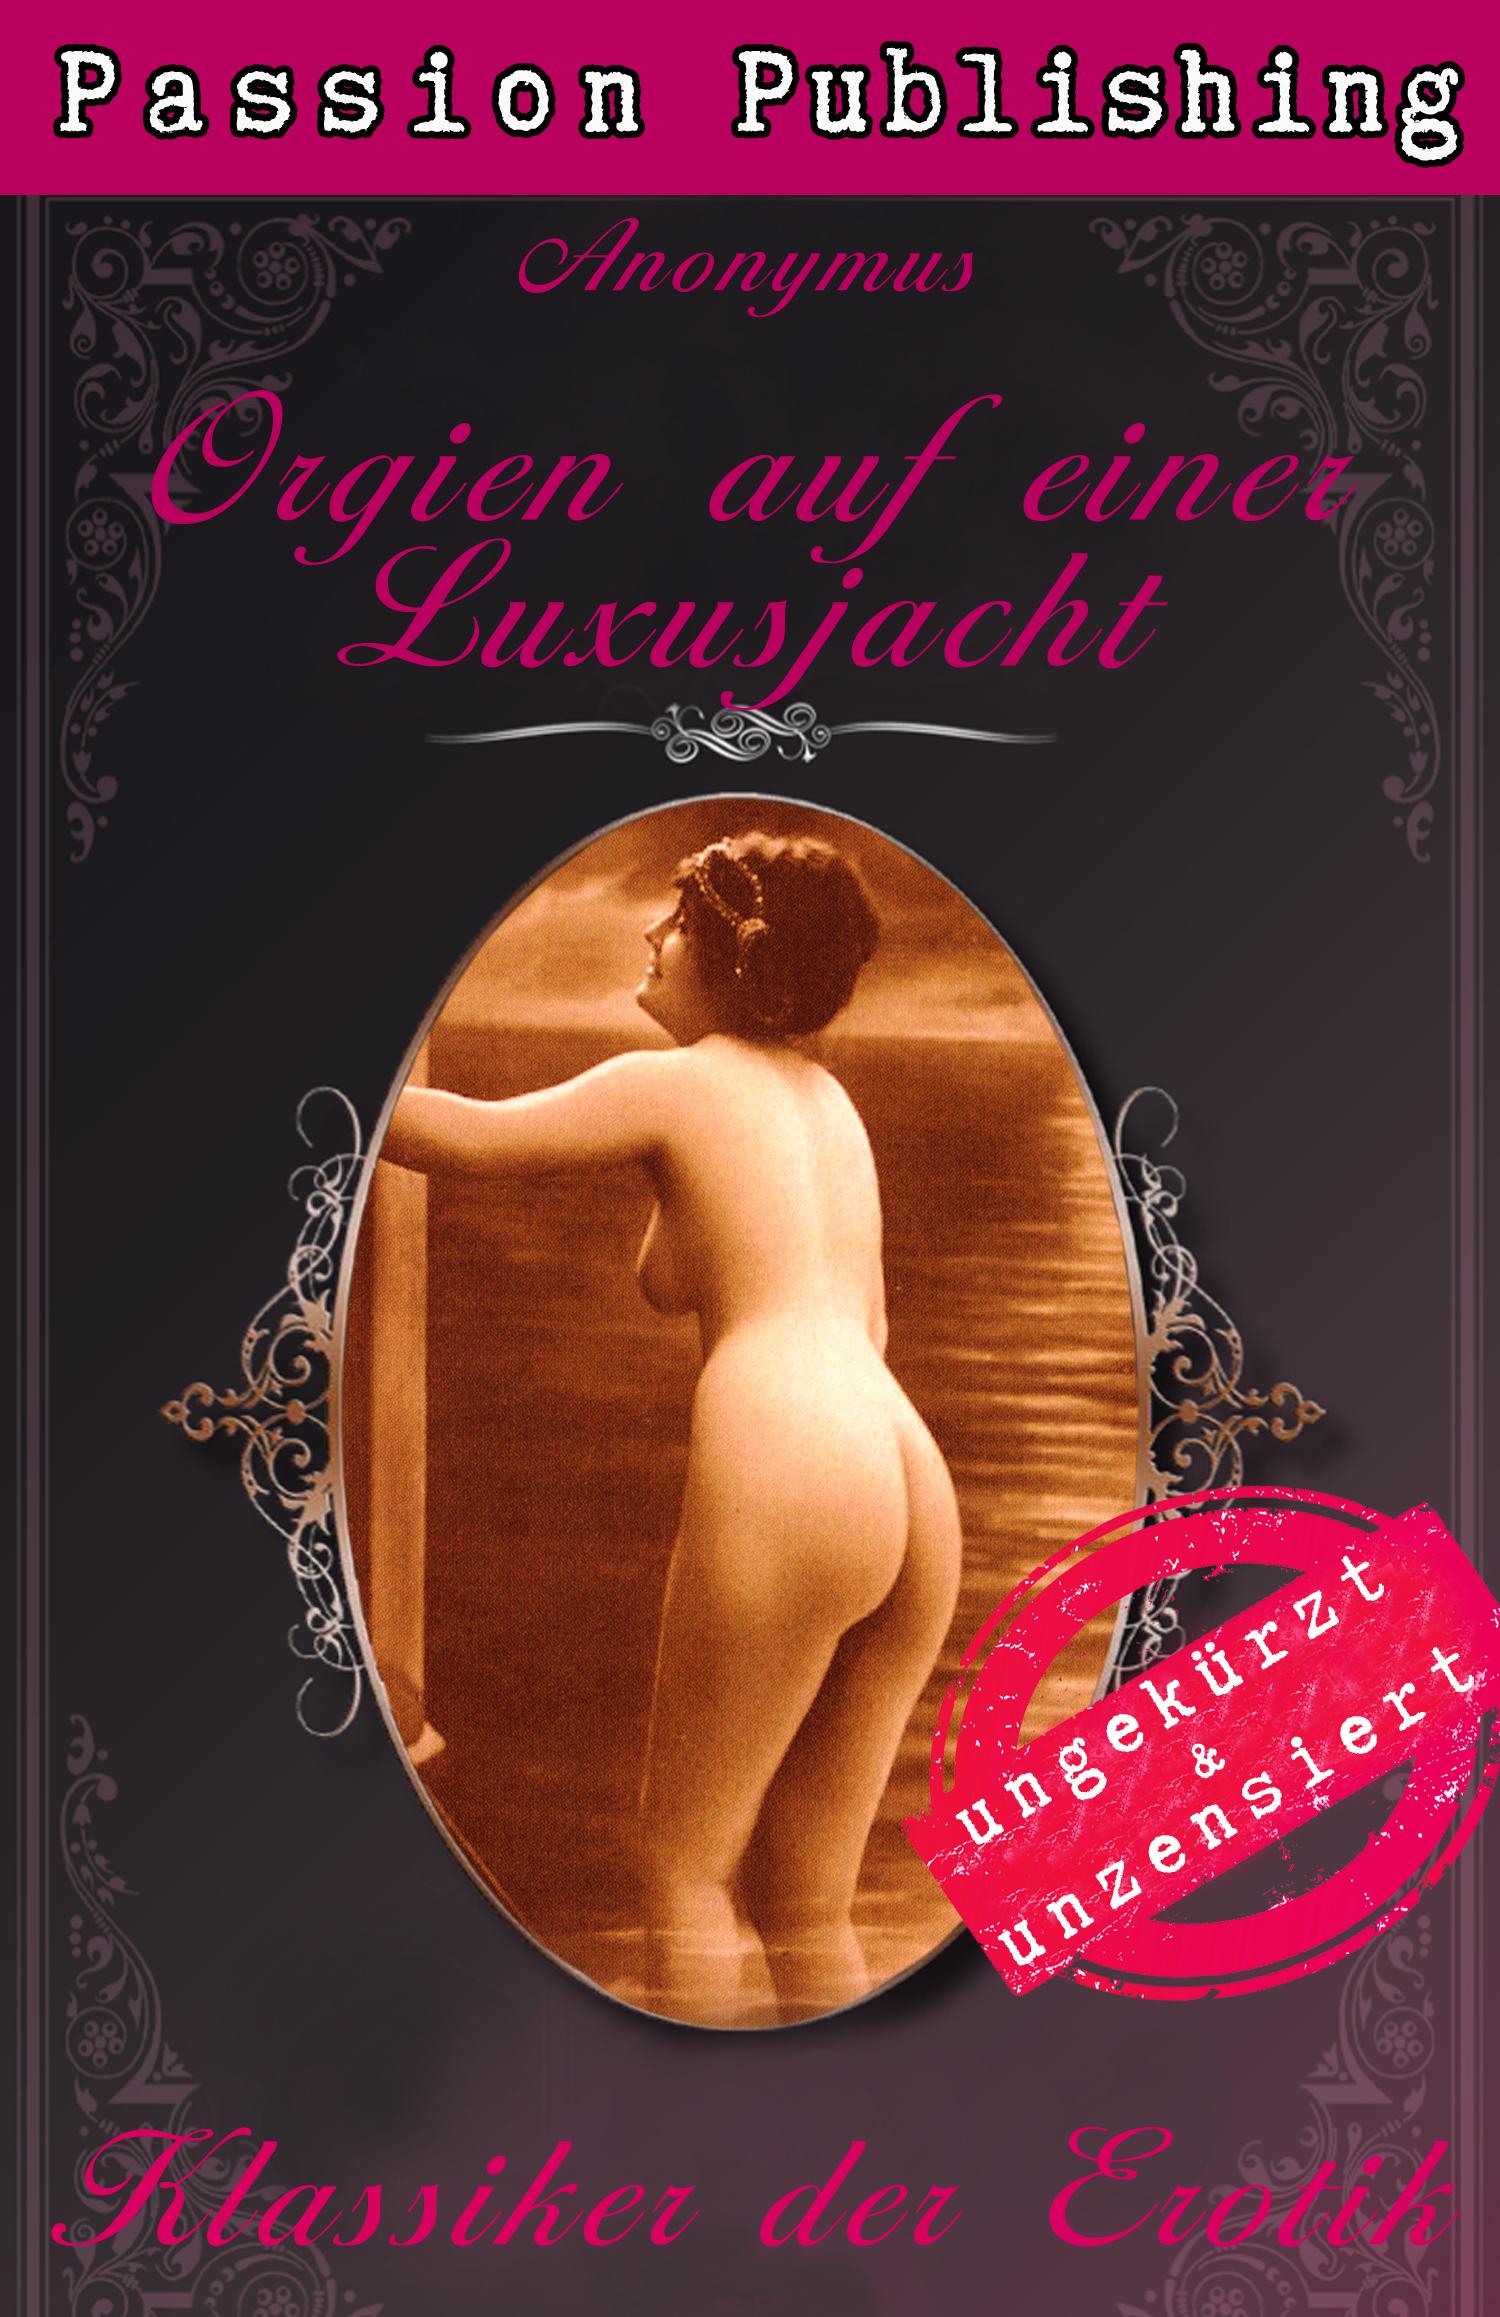 Anonymus Klassiker der Erotik 42: Orgien auf einer Luxusjacht